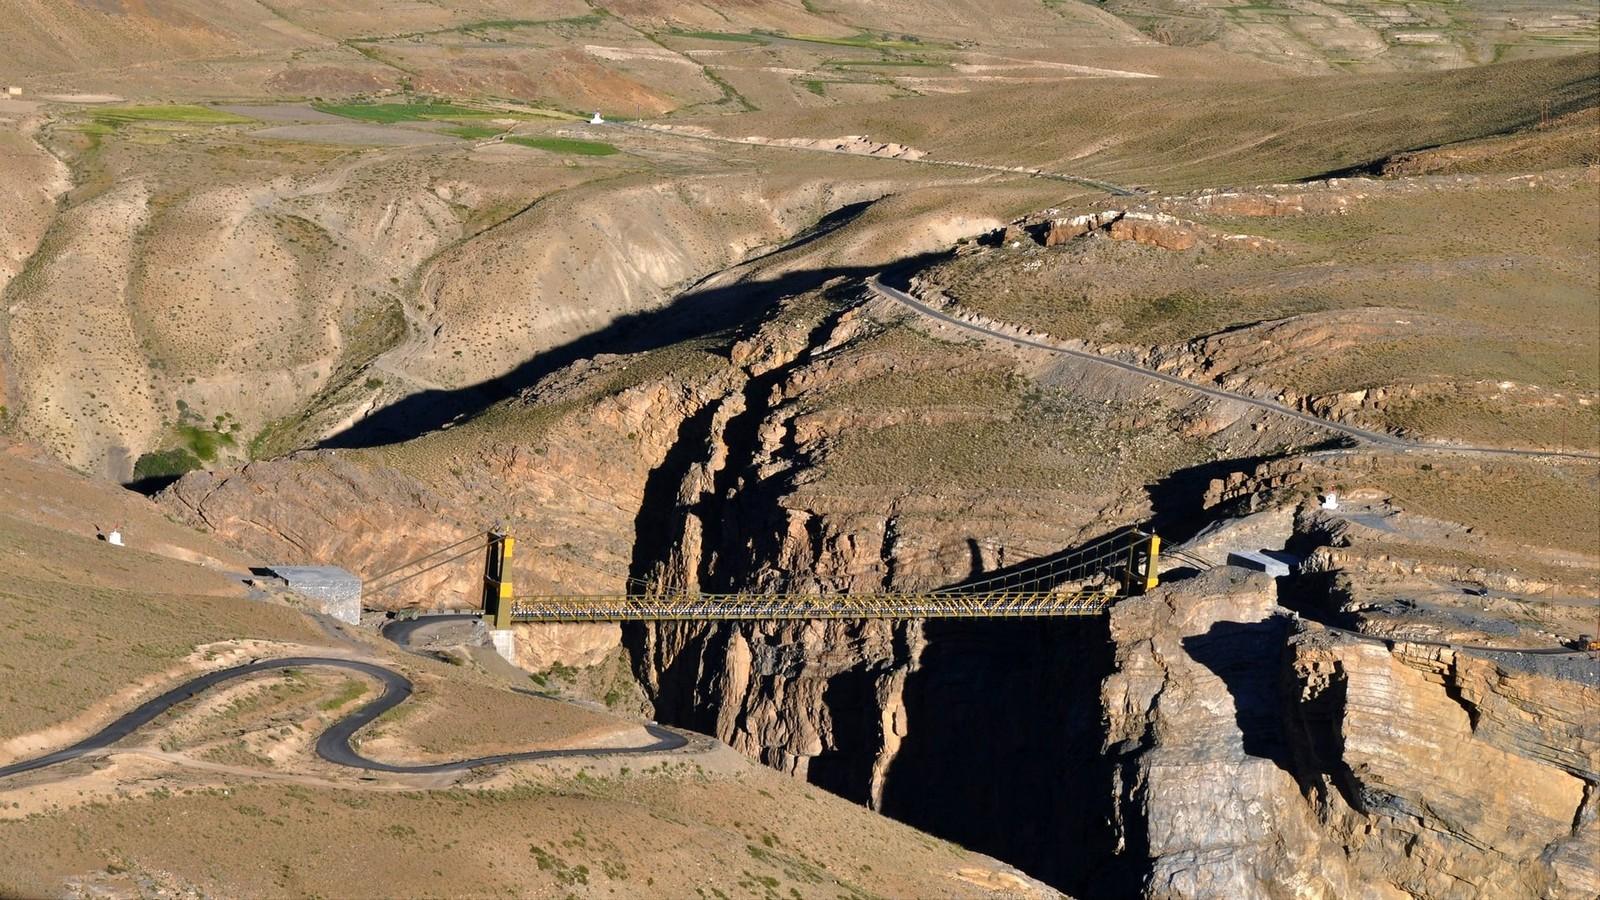 Chicham Bridge in Spiti Valley